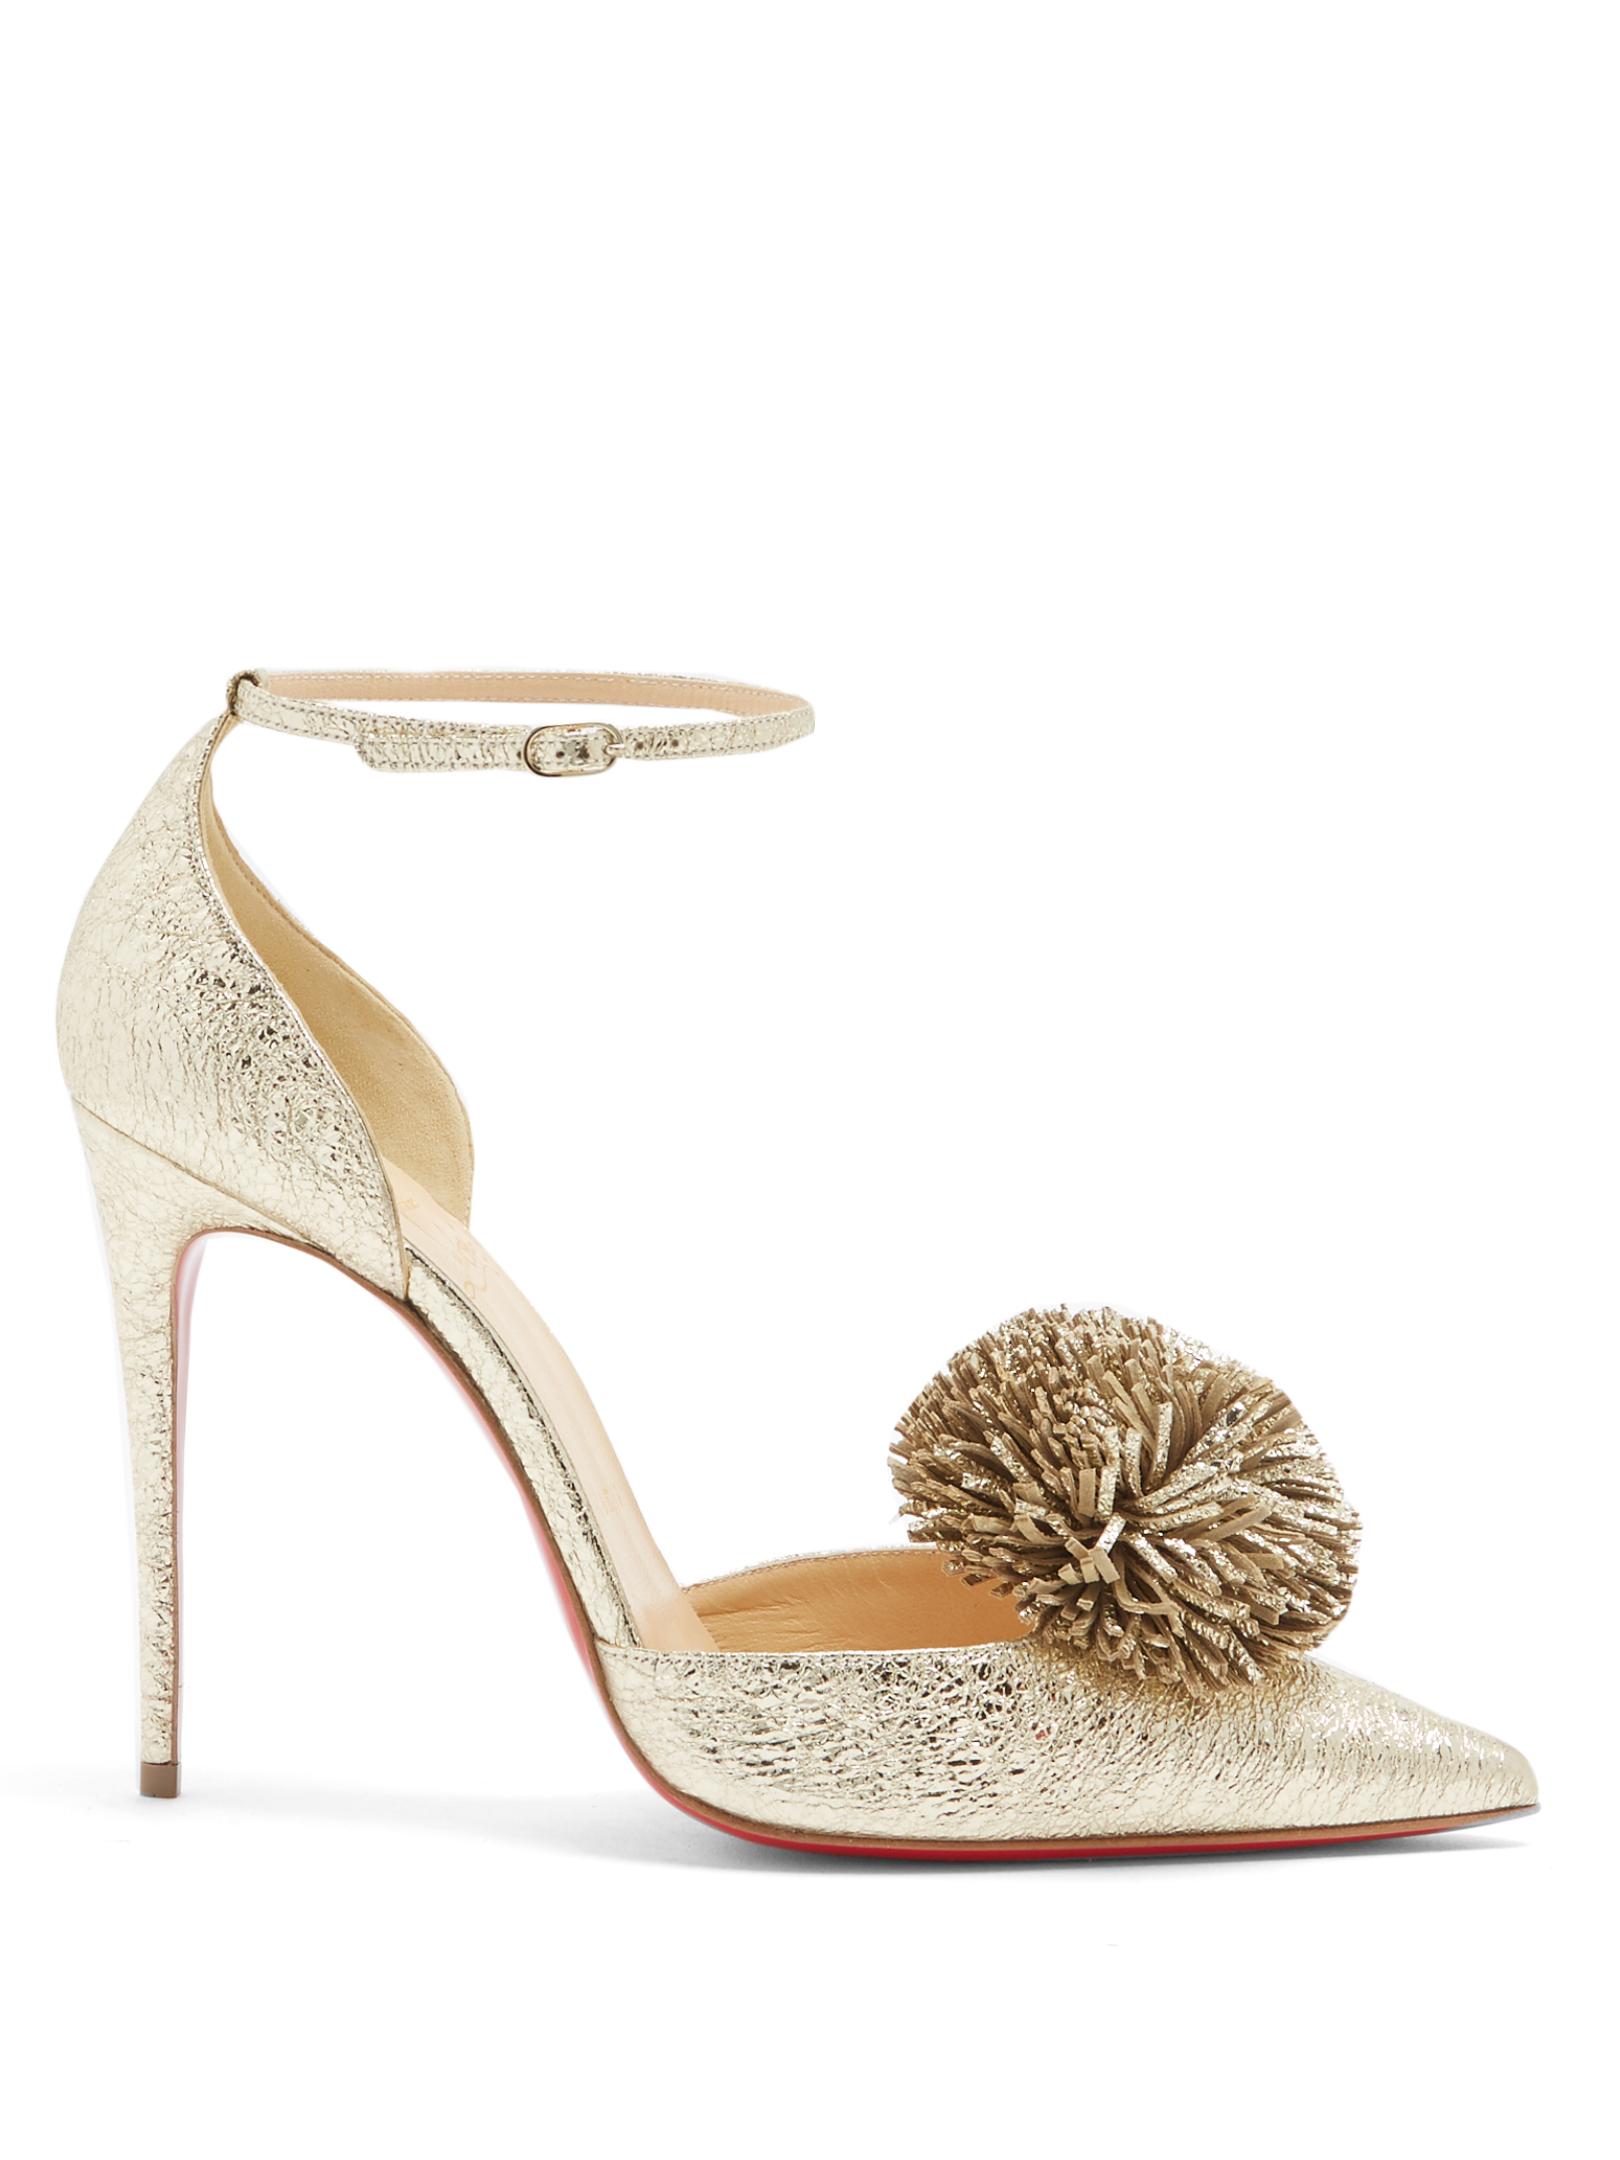 sports shoes bbae7 0e6d4 Christian Louboutin - Tsarou 100Mm Pompom-Embellished Leather Pumps